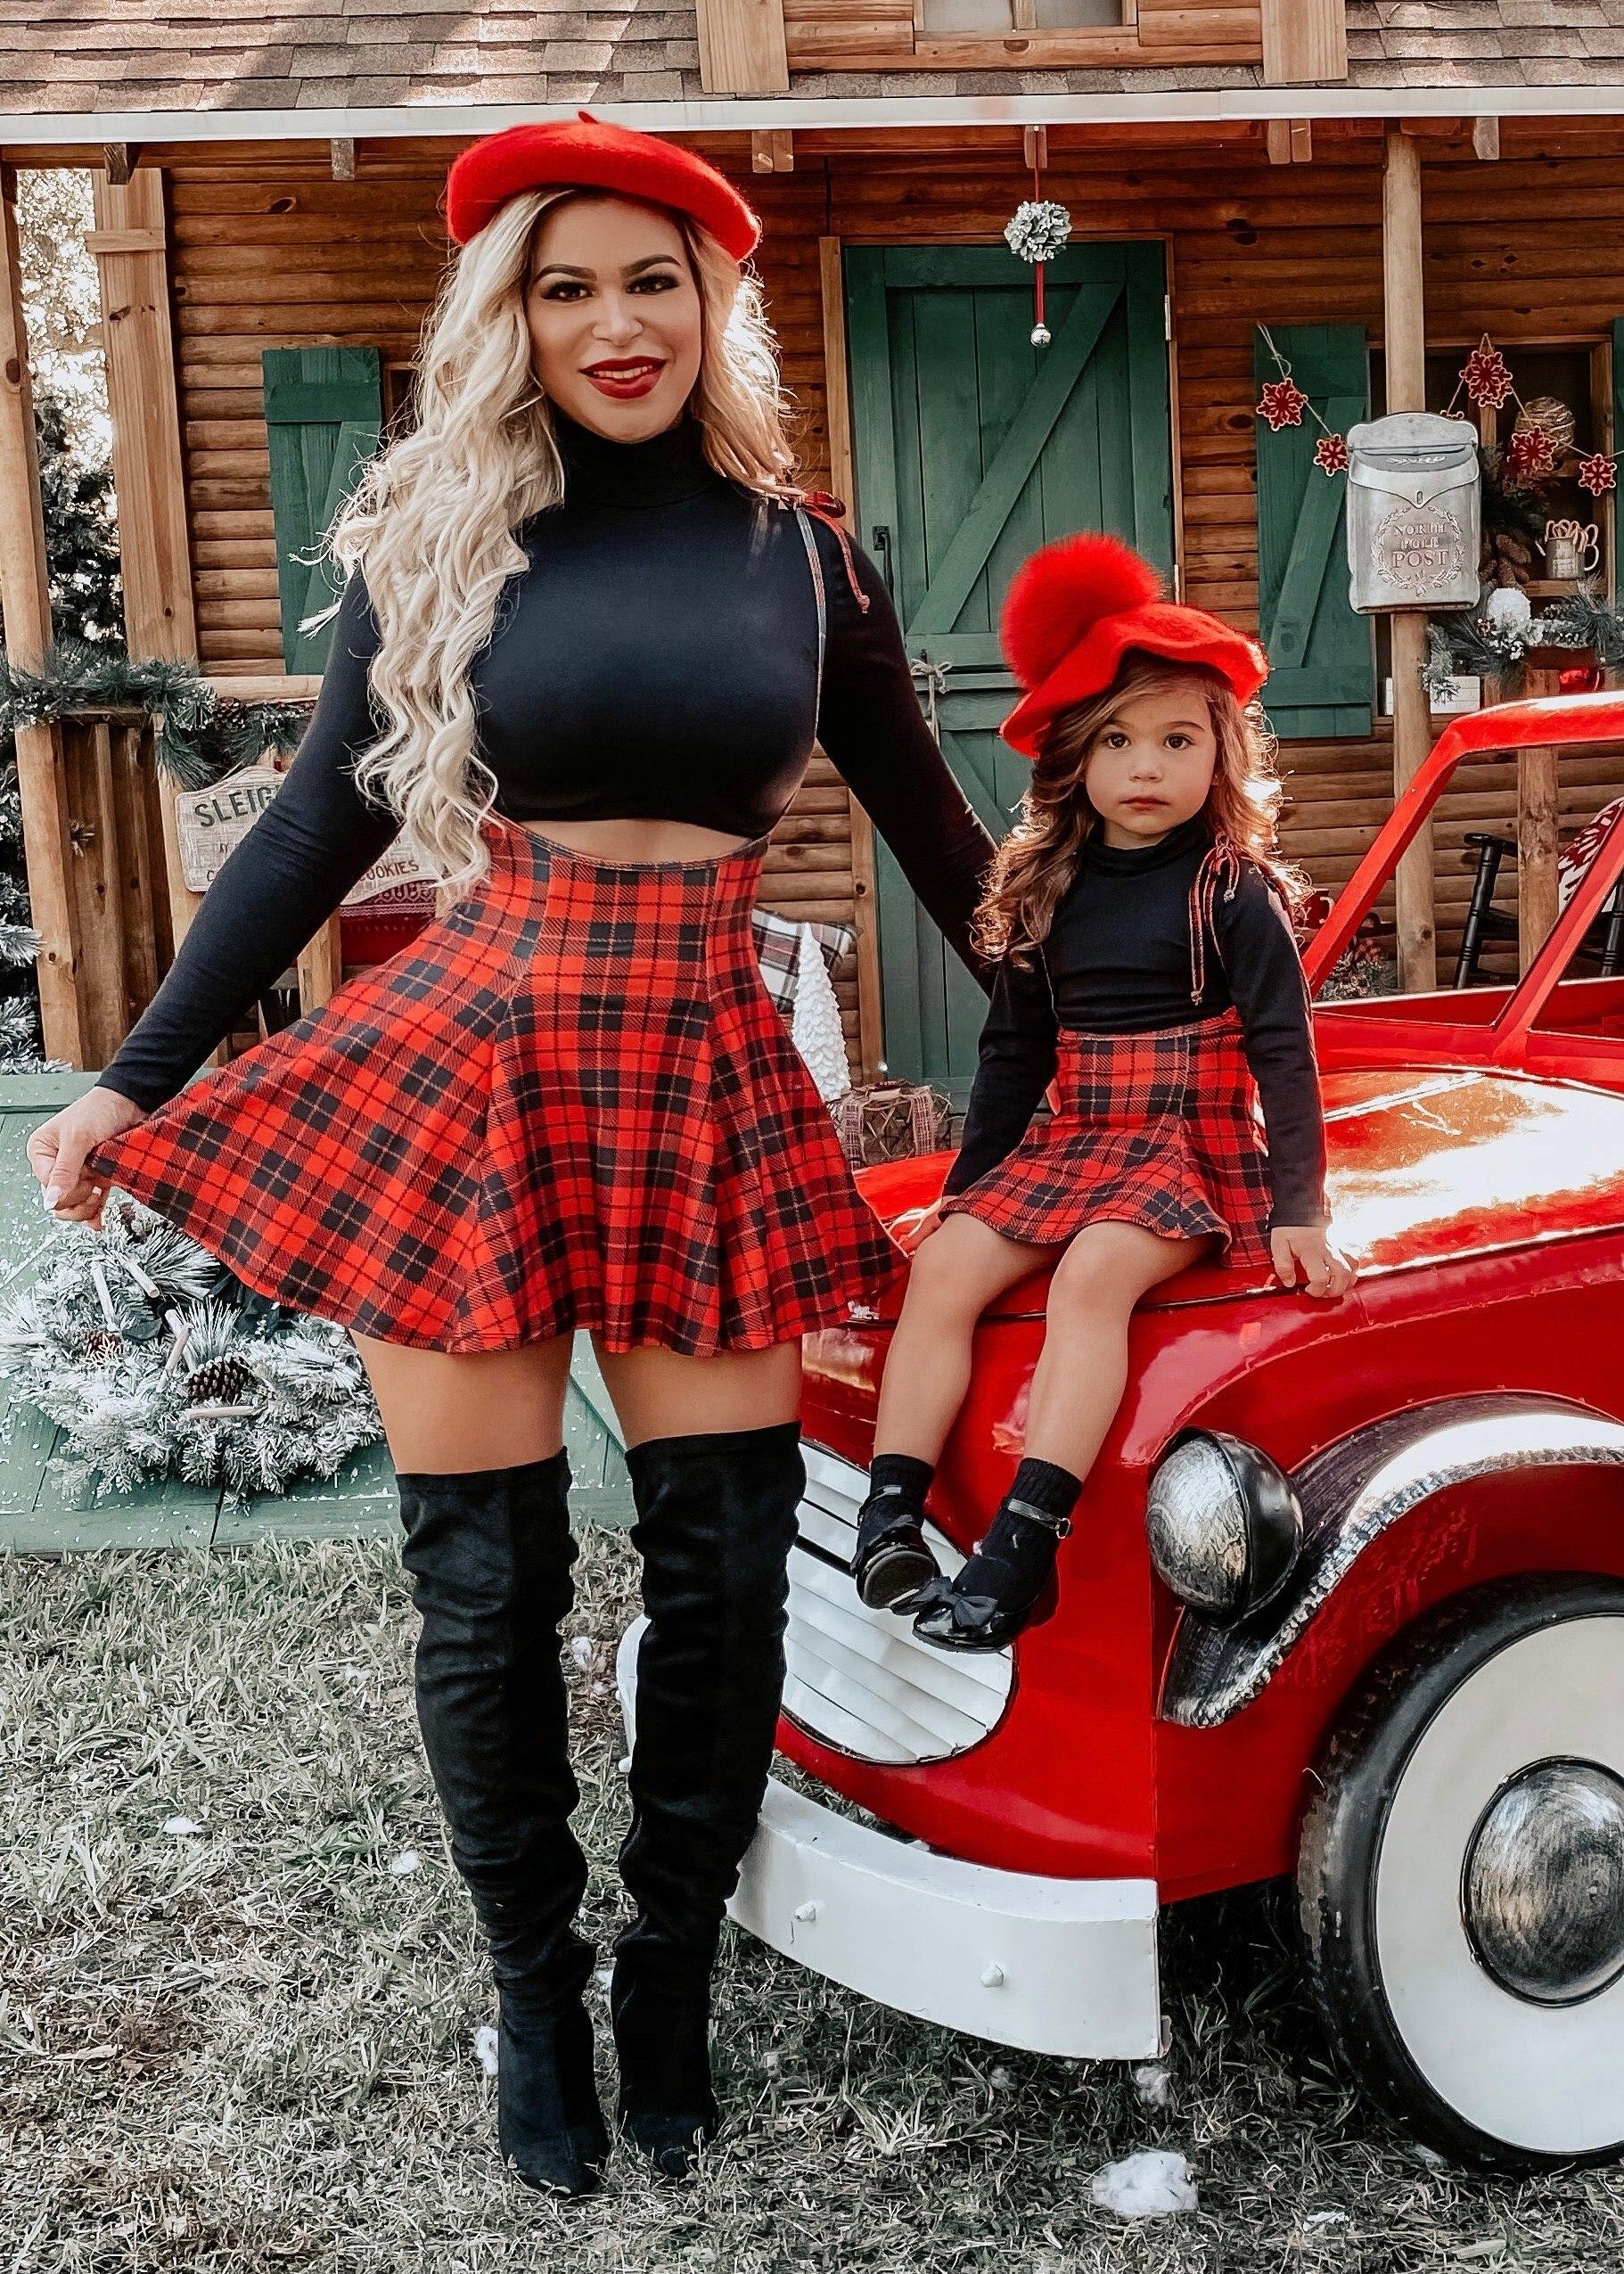 Классическая клетчатая юбка для родителей и детей, модель 2021 года, юбка на бретелях для мамы и девочки, одинаковая семейная одежда для мамы и...